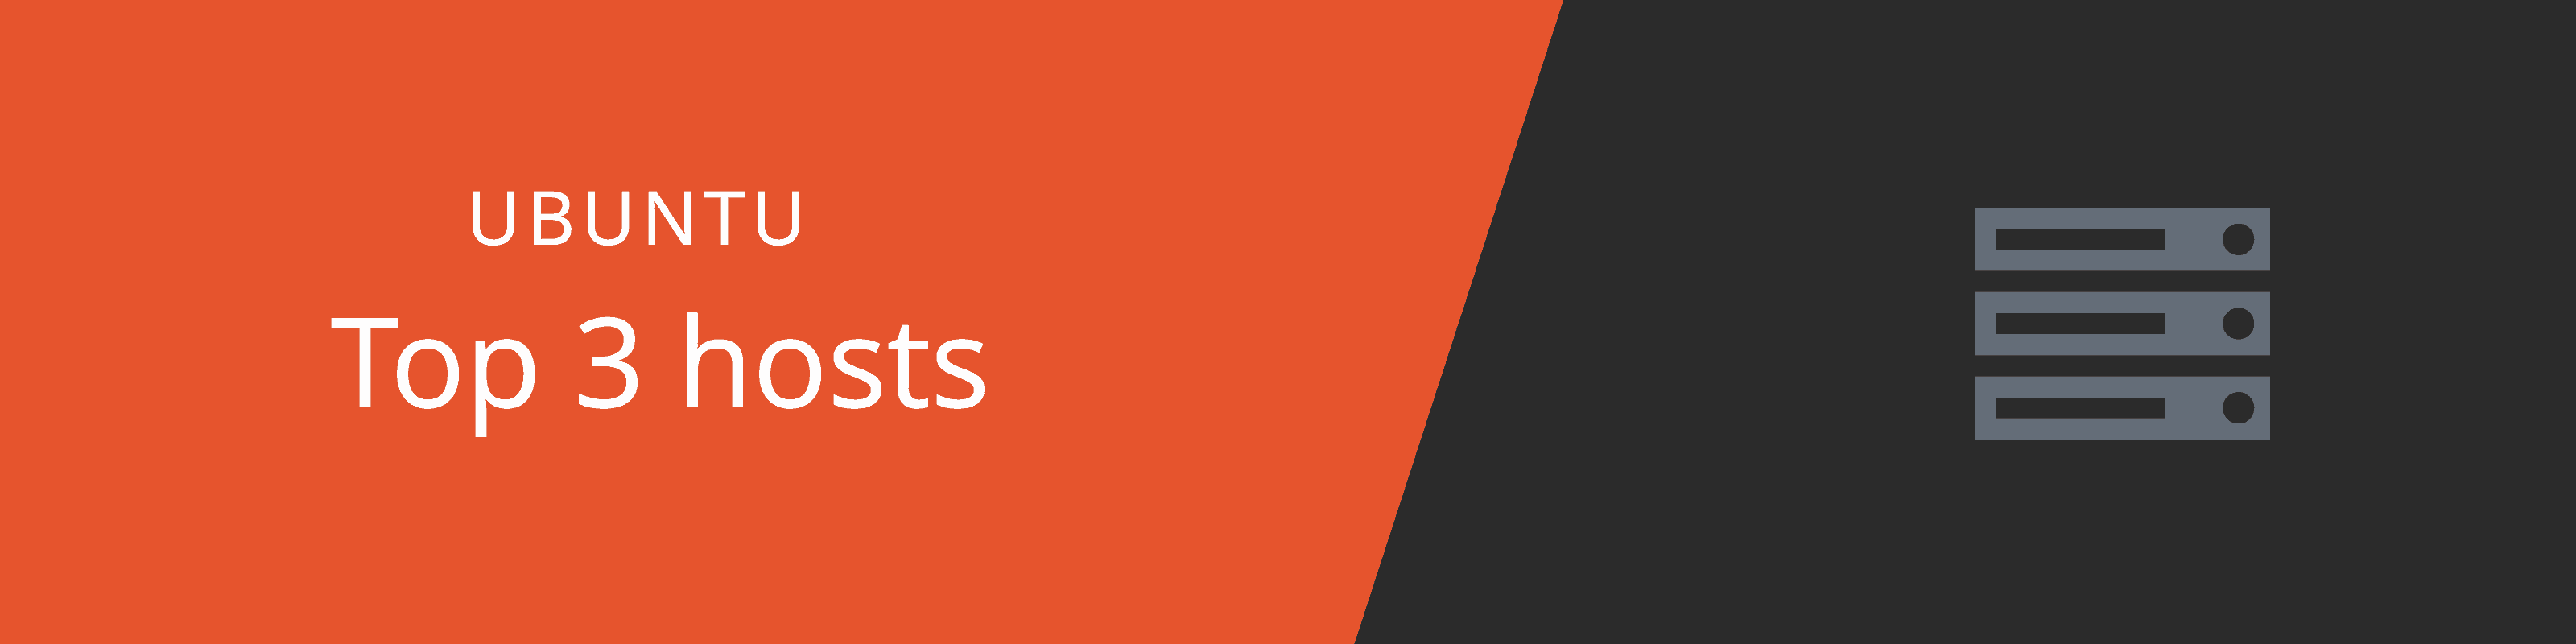 best ubuntu hosts